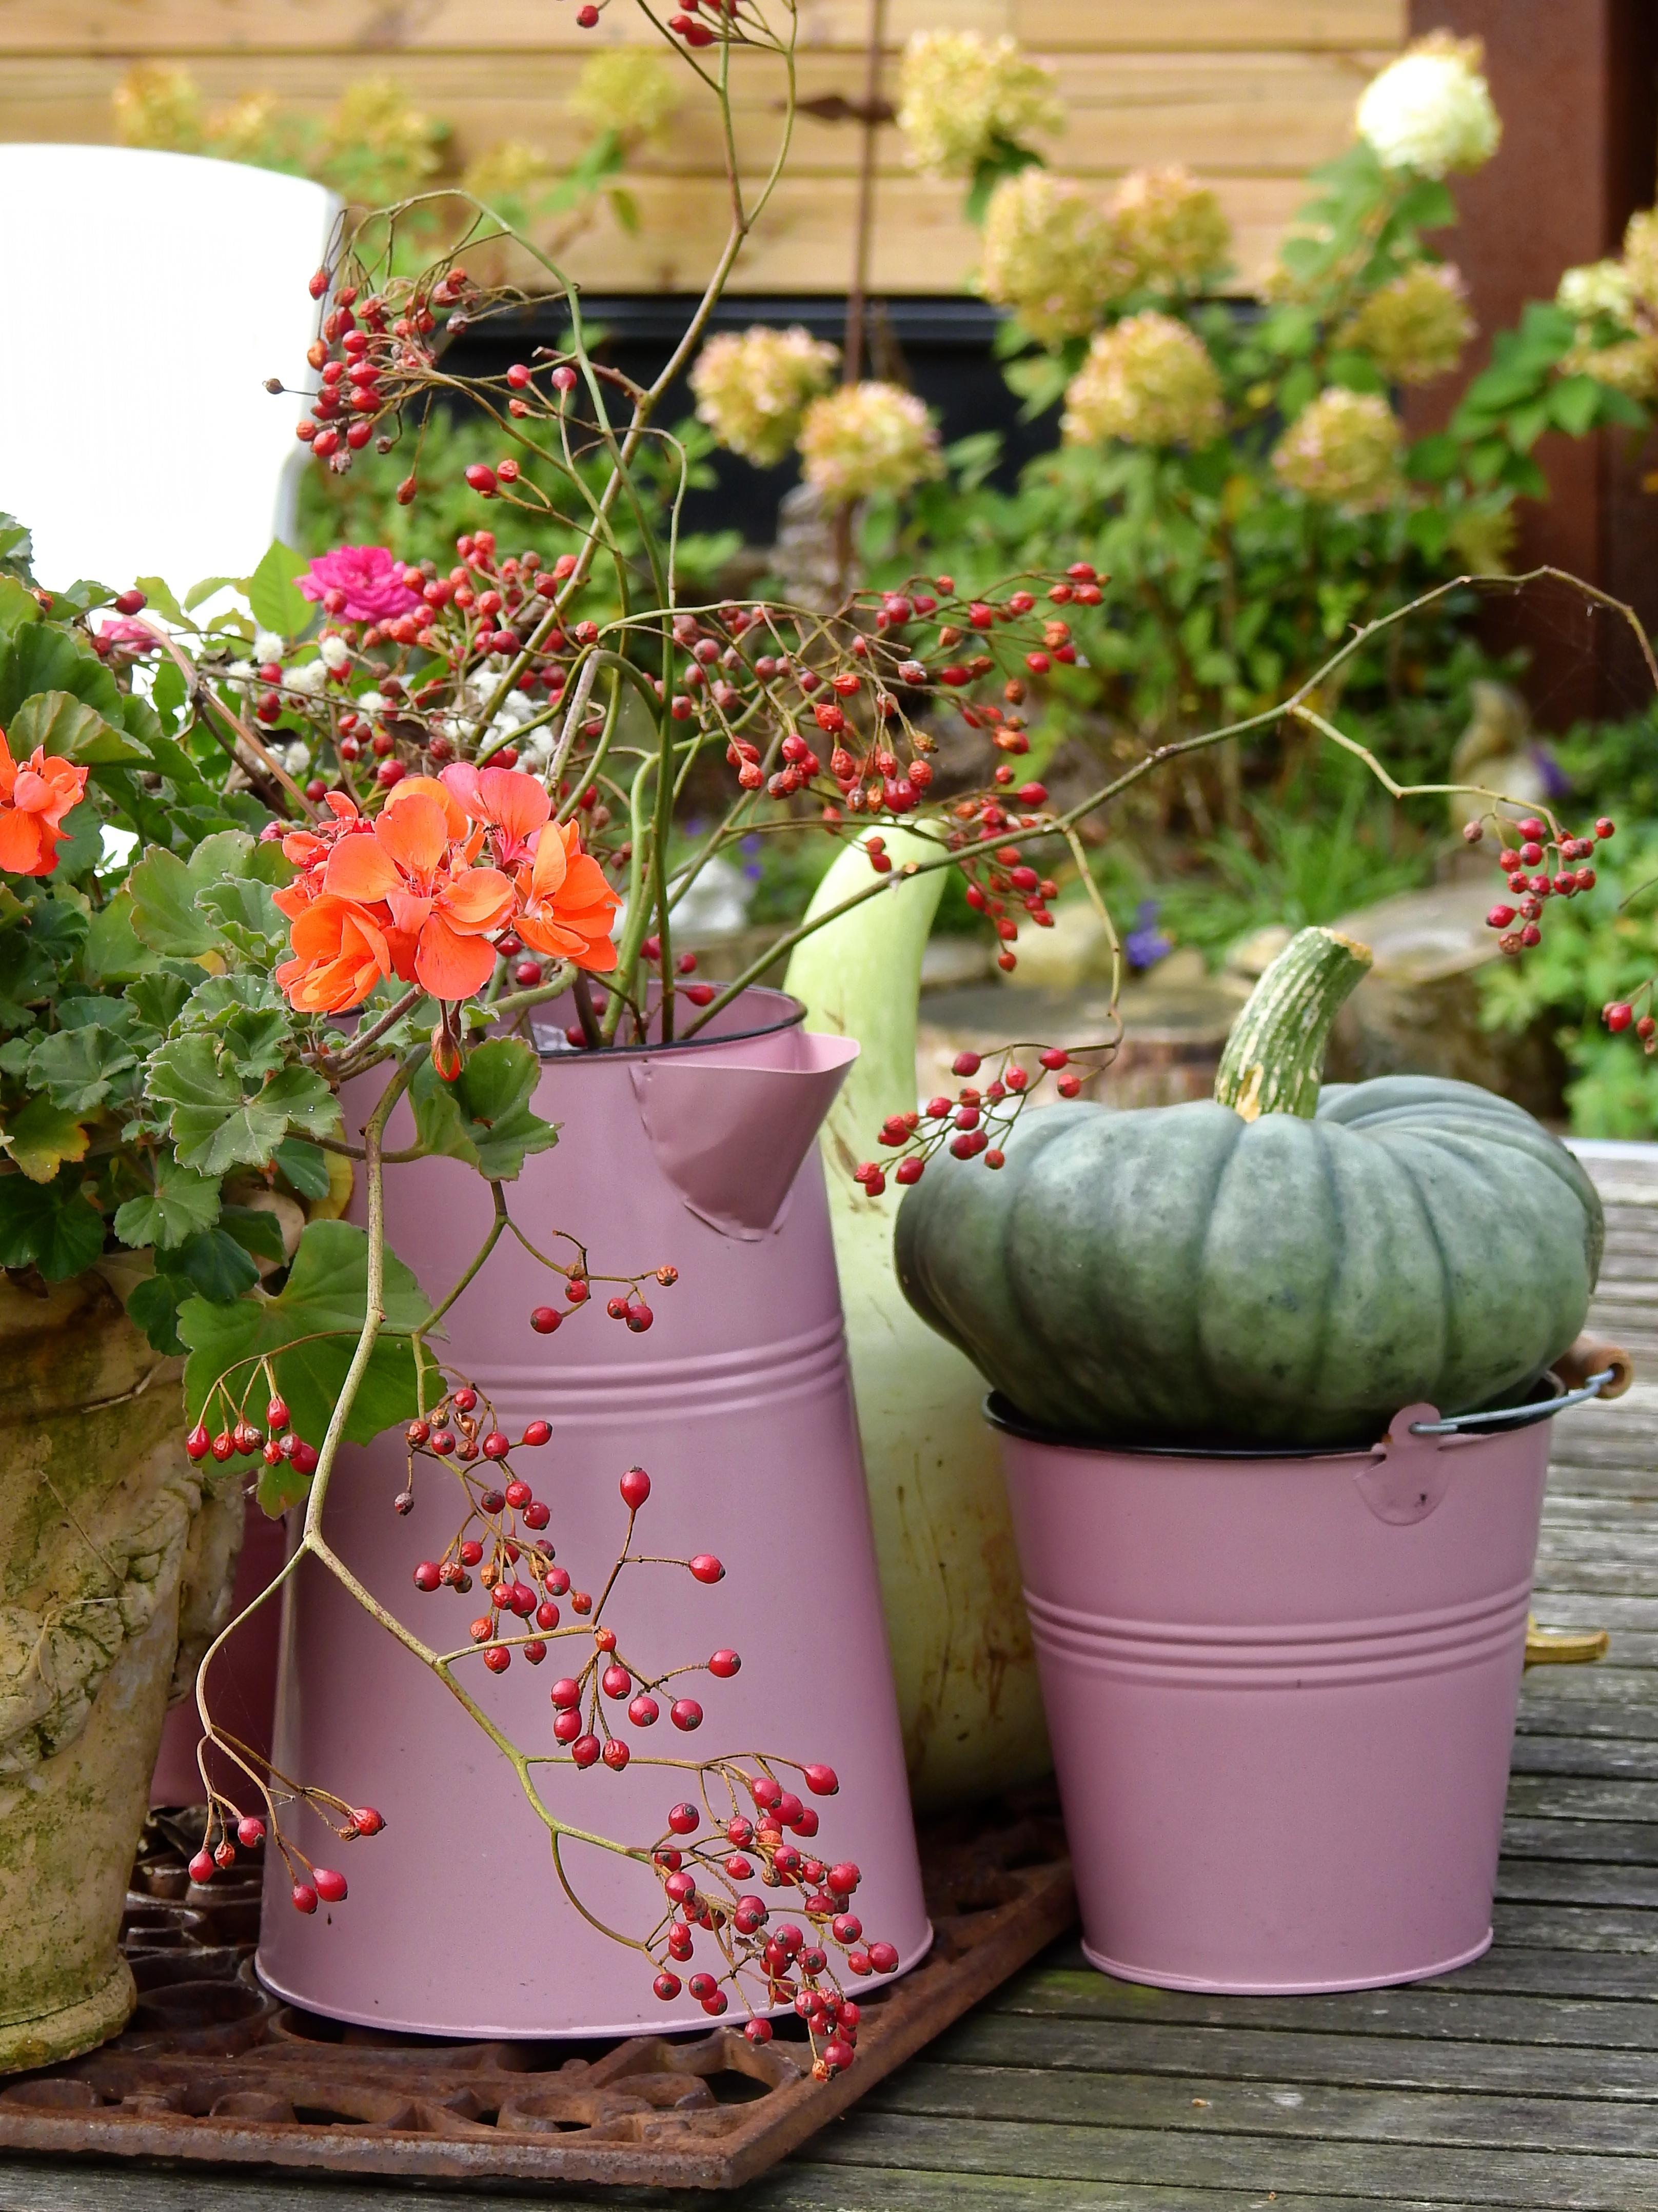 images gratuites floraison th i re d coration citrouille jardin rose seau d co. Black Bedroom Furniture Sets. Home Design Ideas